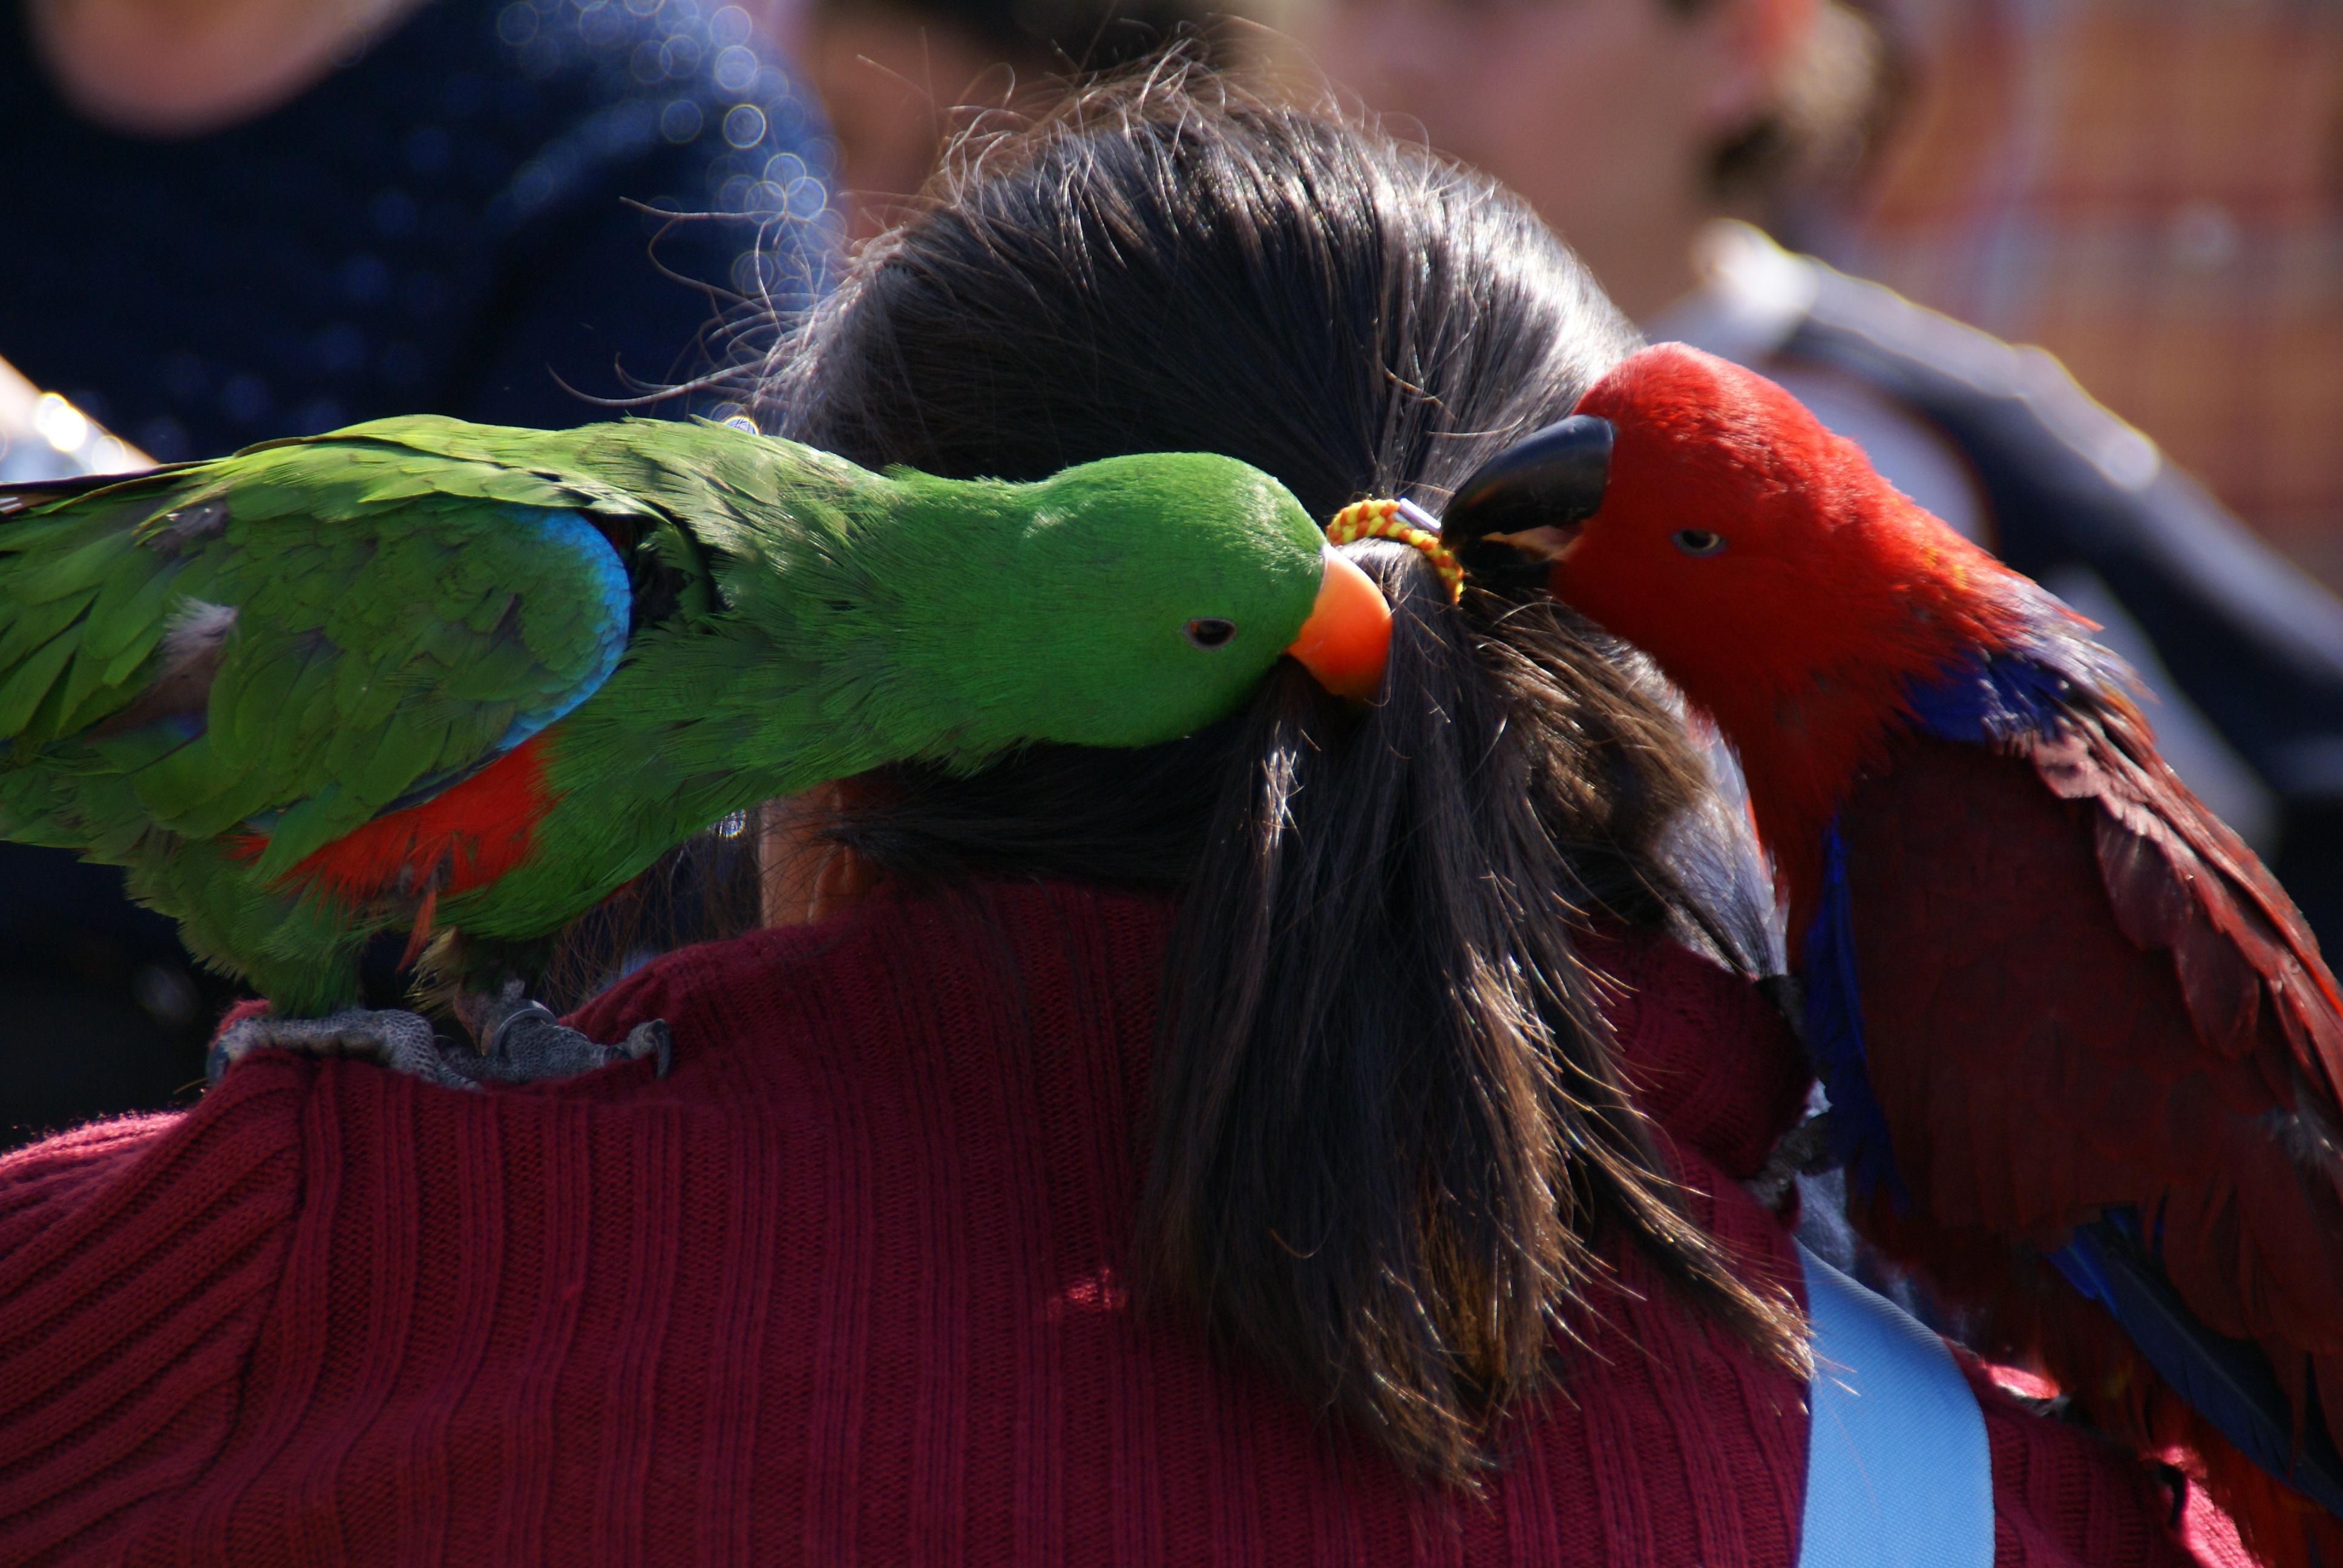 Parrots as Pets Information Eclectus Parrots as Pets